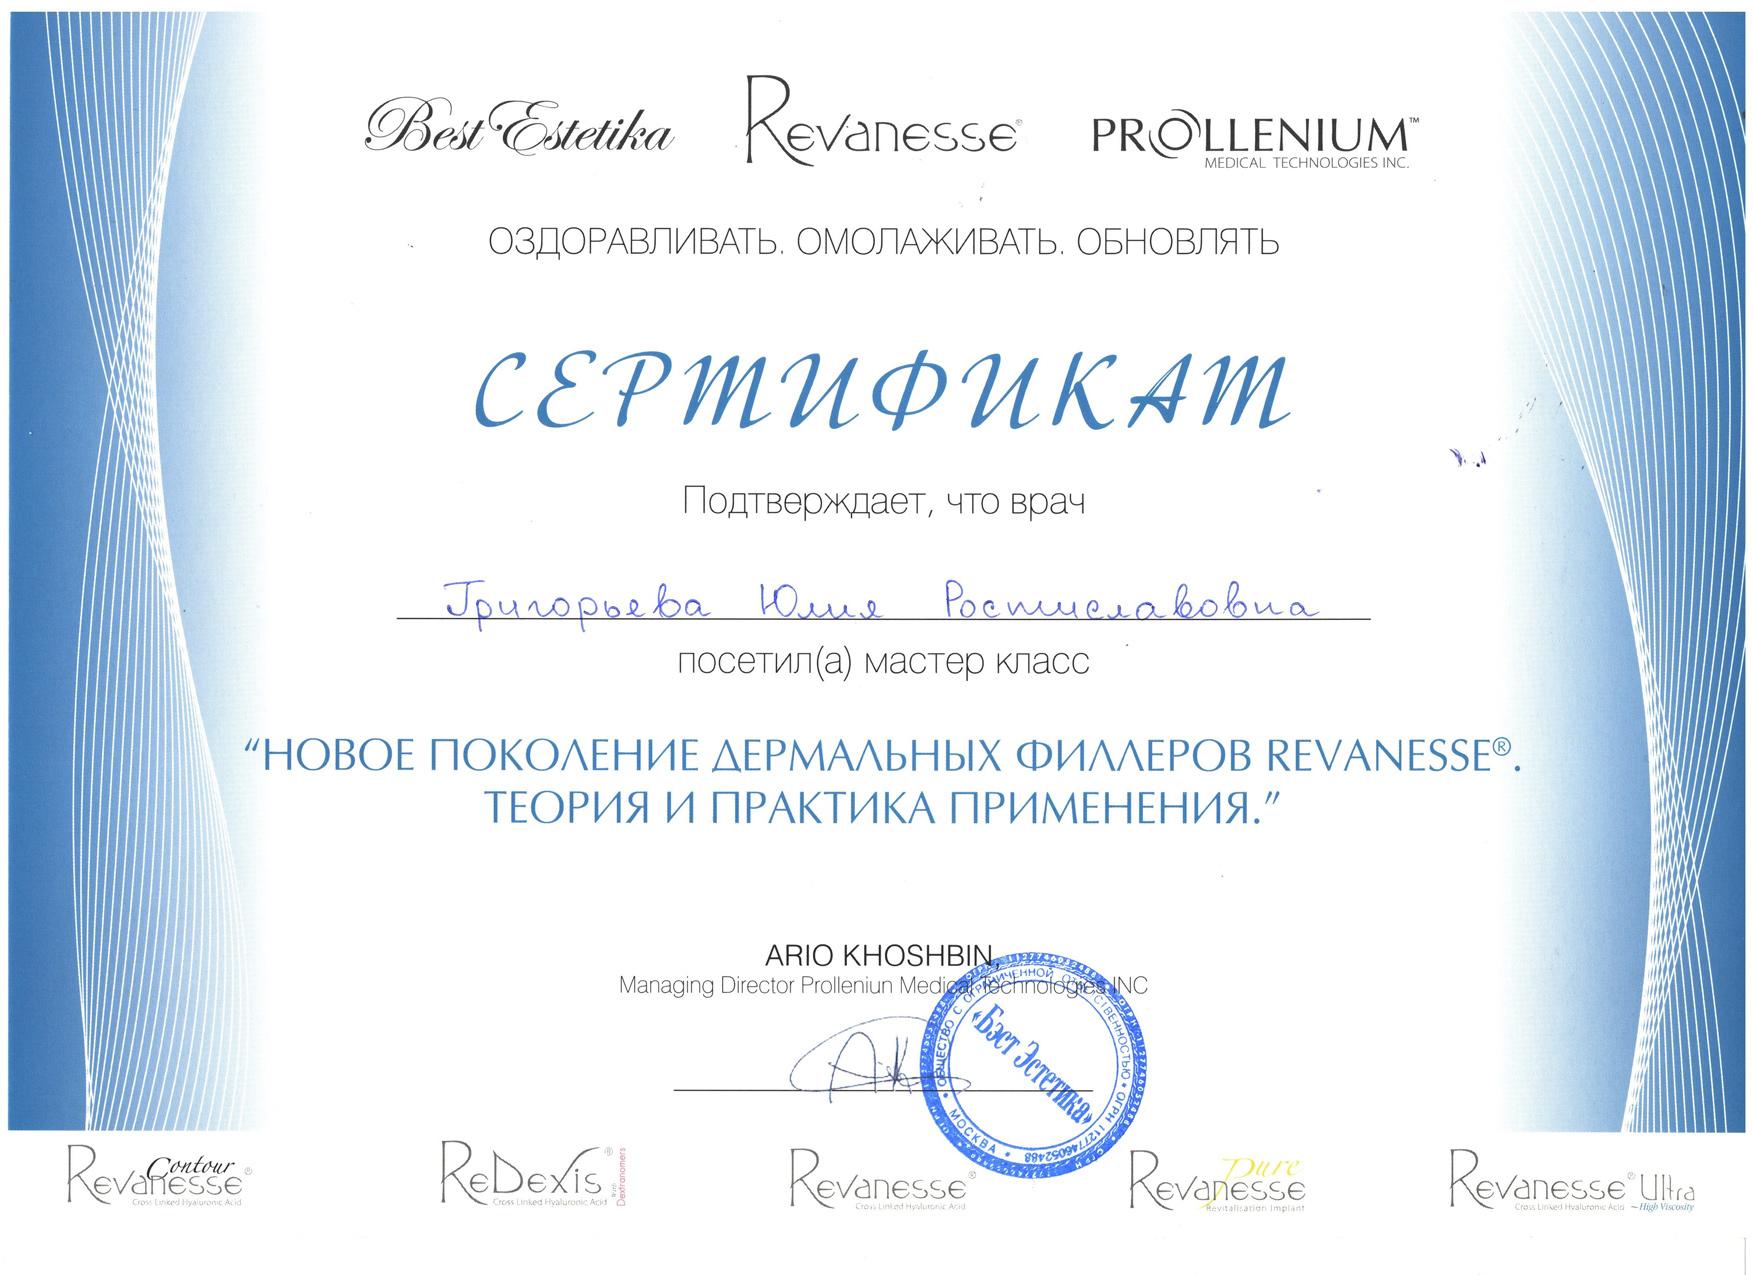 Сертификат — «Новое поколение дермальных филлеров Revanesse. Григорьева Юлия Ростиславовна